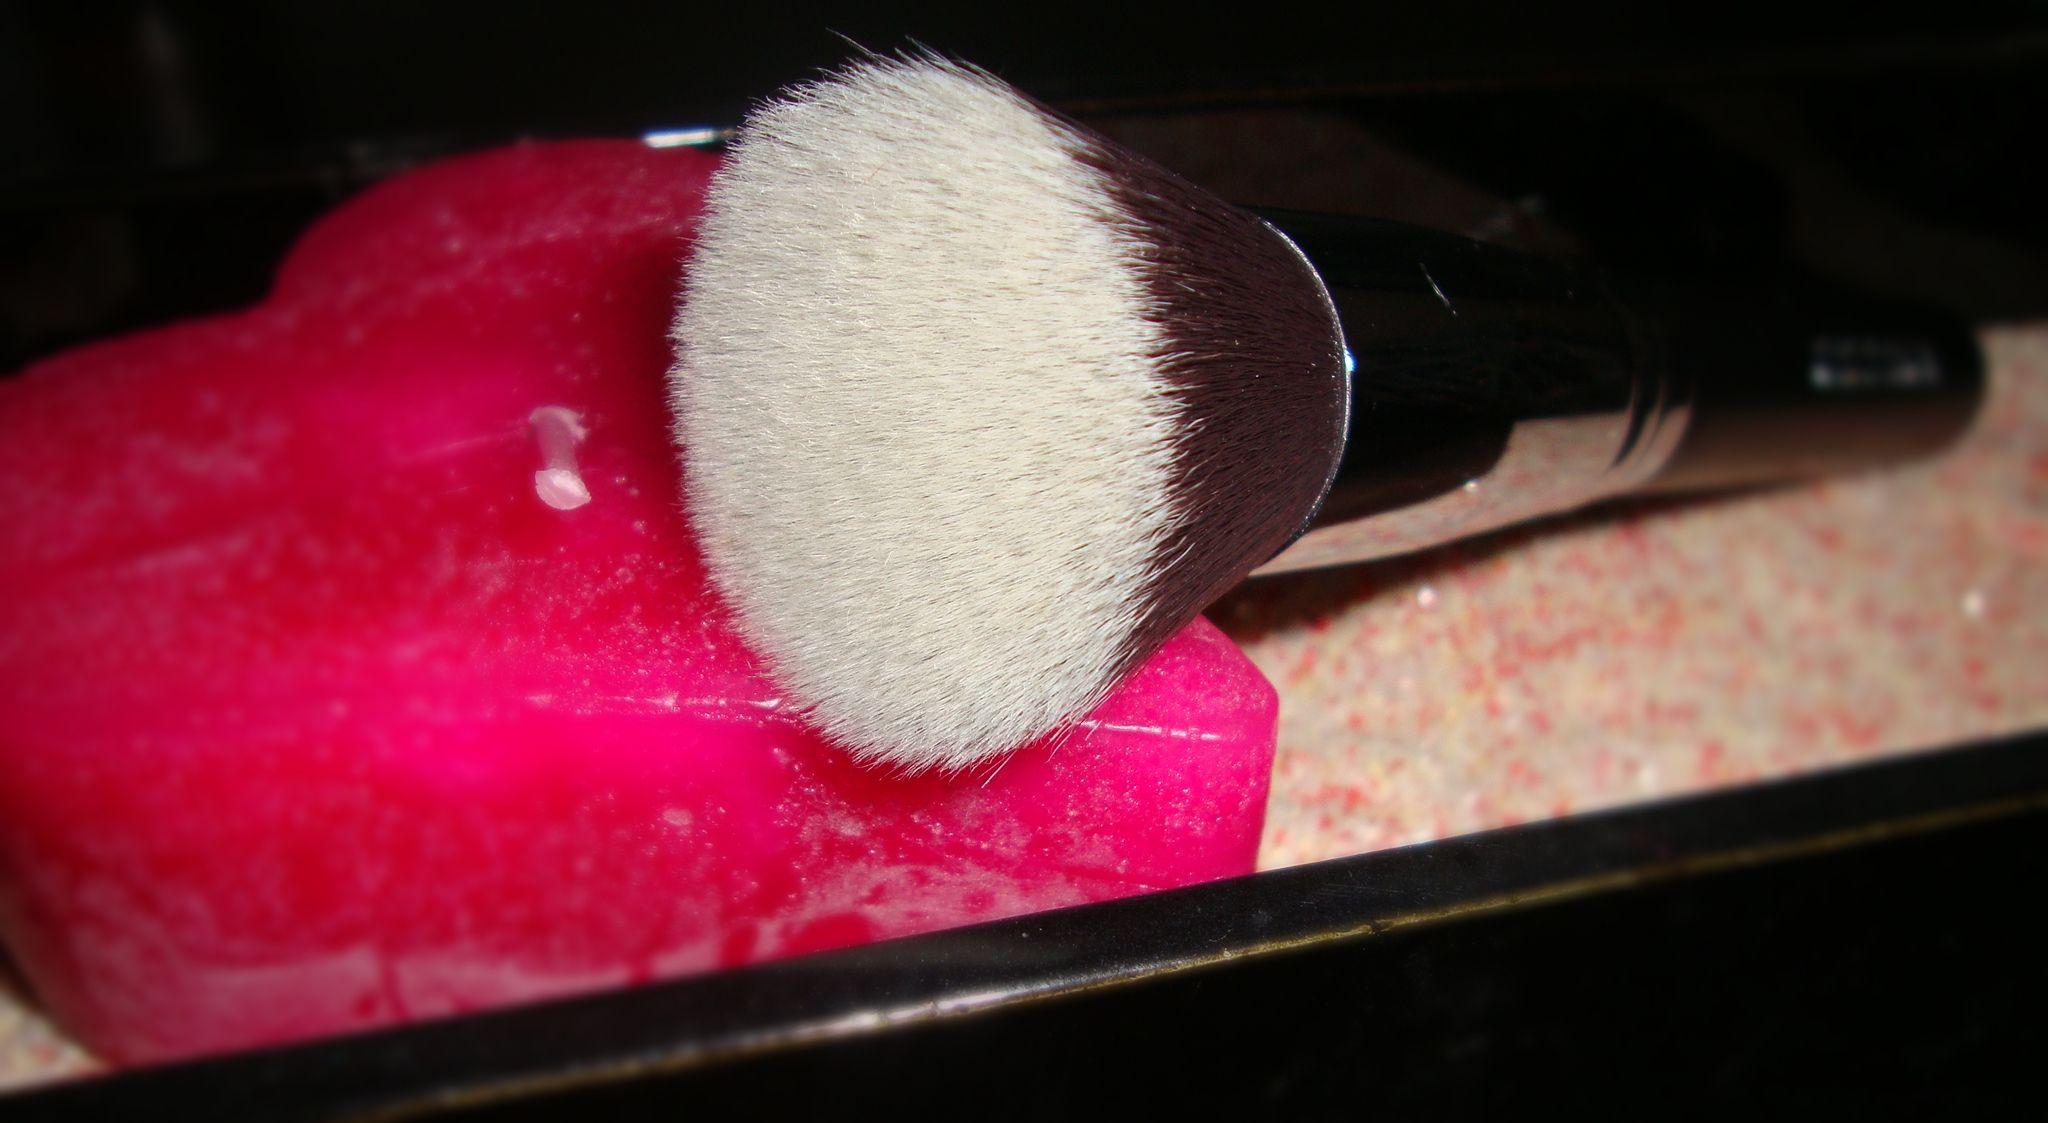 Kabuki Pinsel...was ist das? Ursprünglich wurden diese Pinsel für das spezielle Make-up der Schauspieler des japanischen Kabuki-Theater verwendet. Aber schließlich breitete sich der Pinsel in den 5...